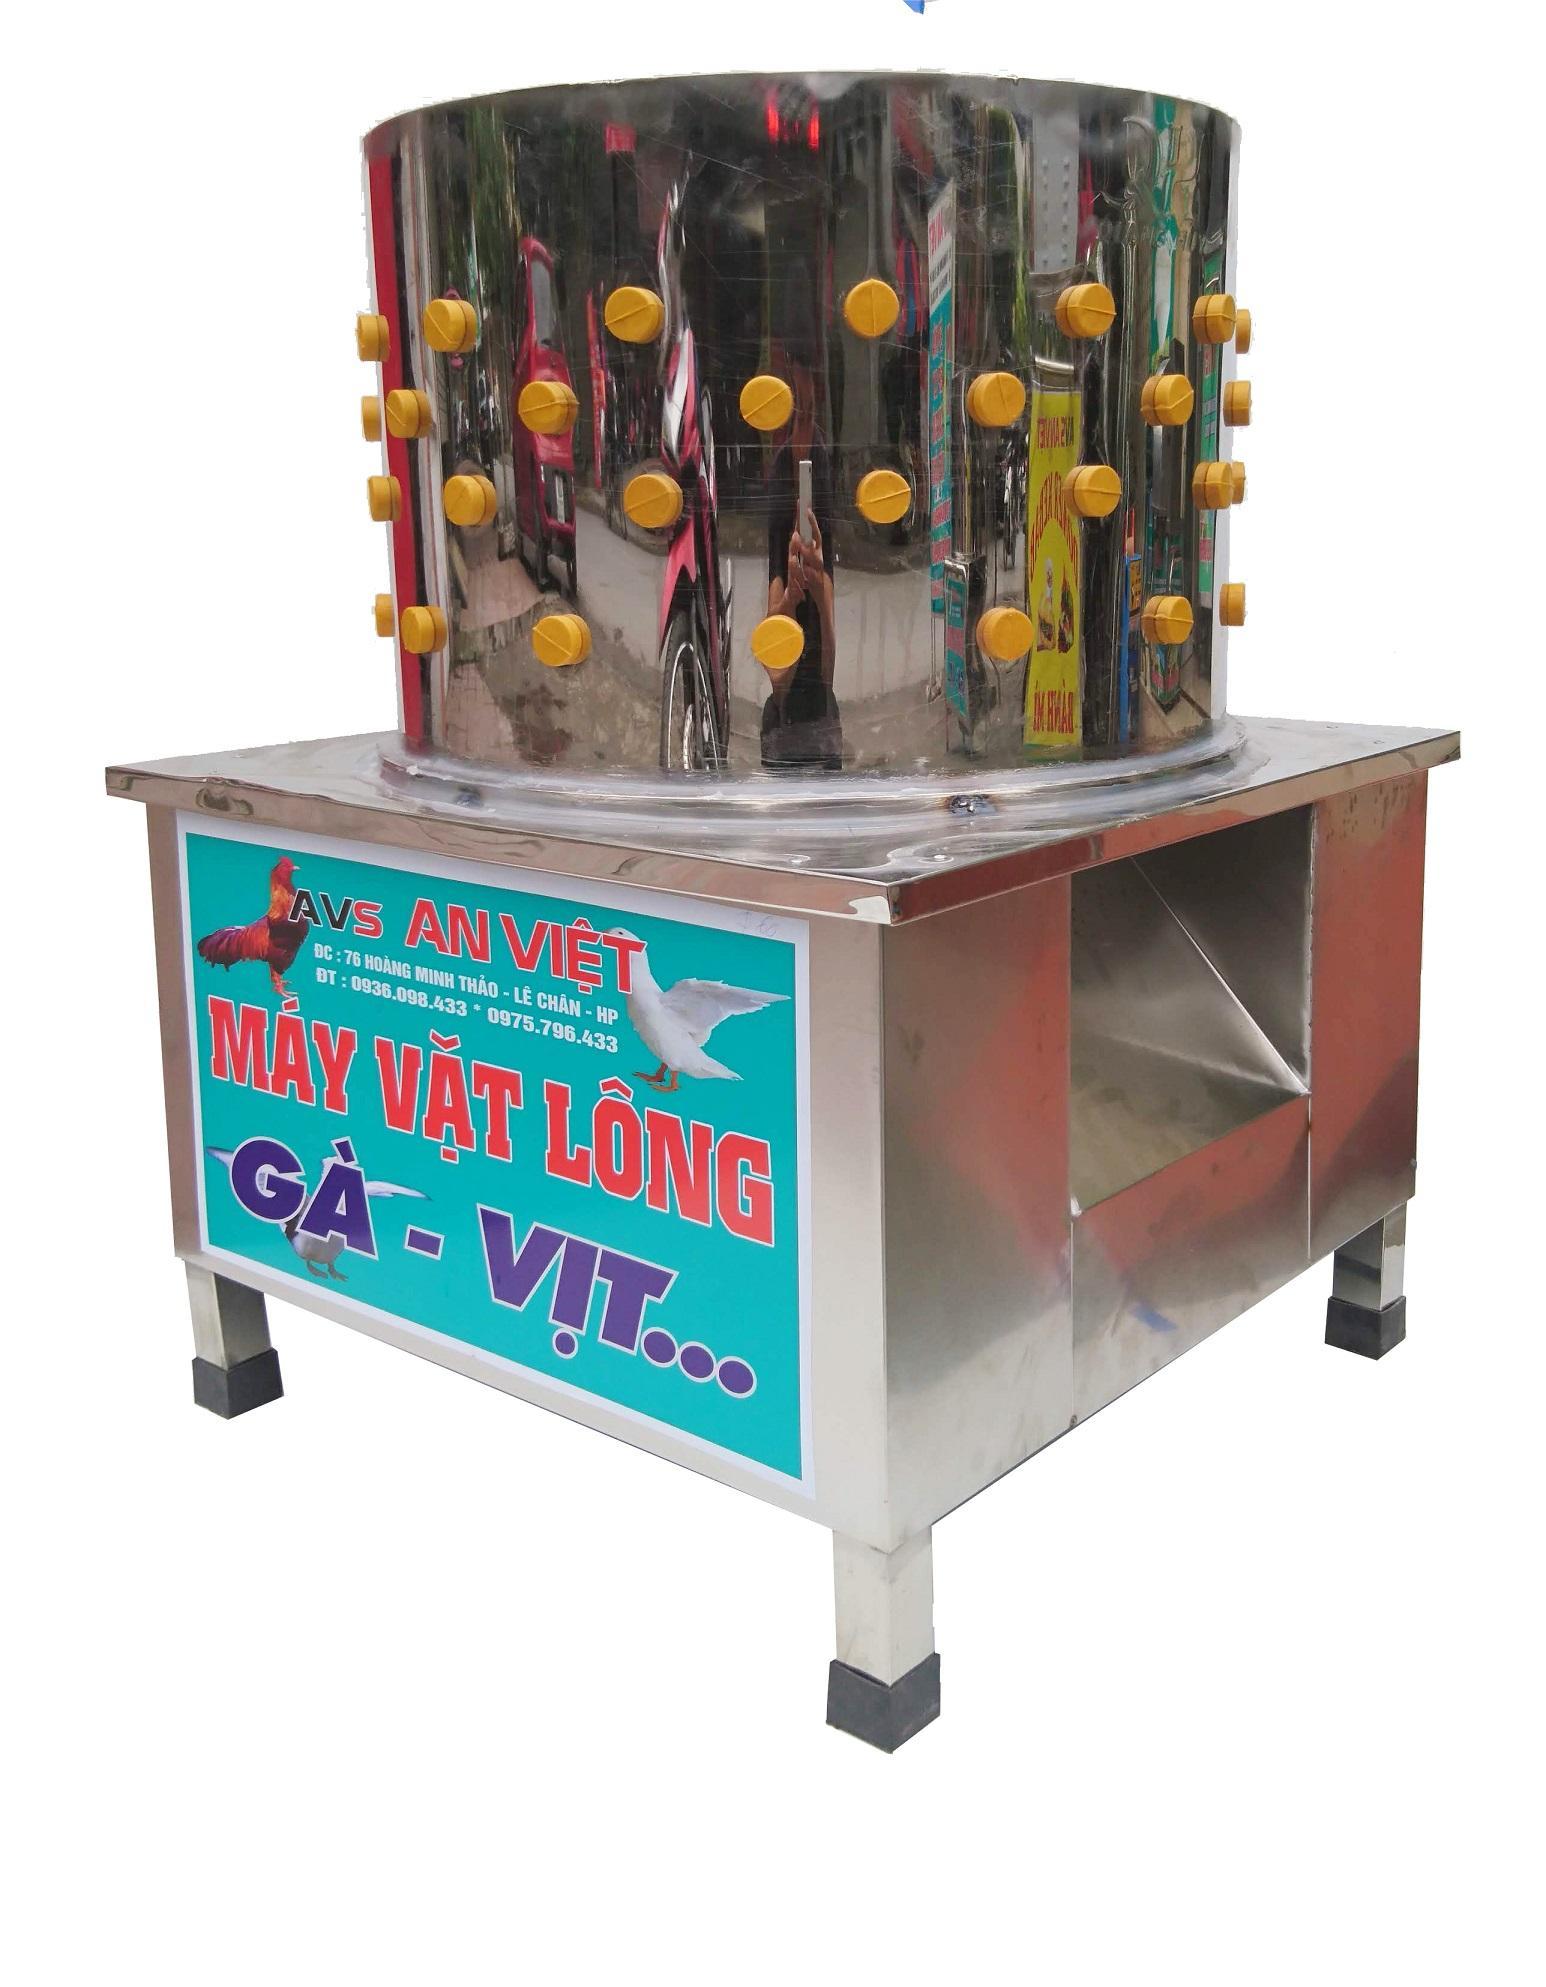 Máy vặt lông gà vịt G55 An Việt